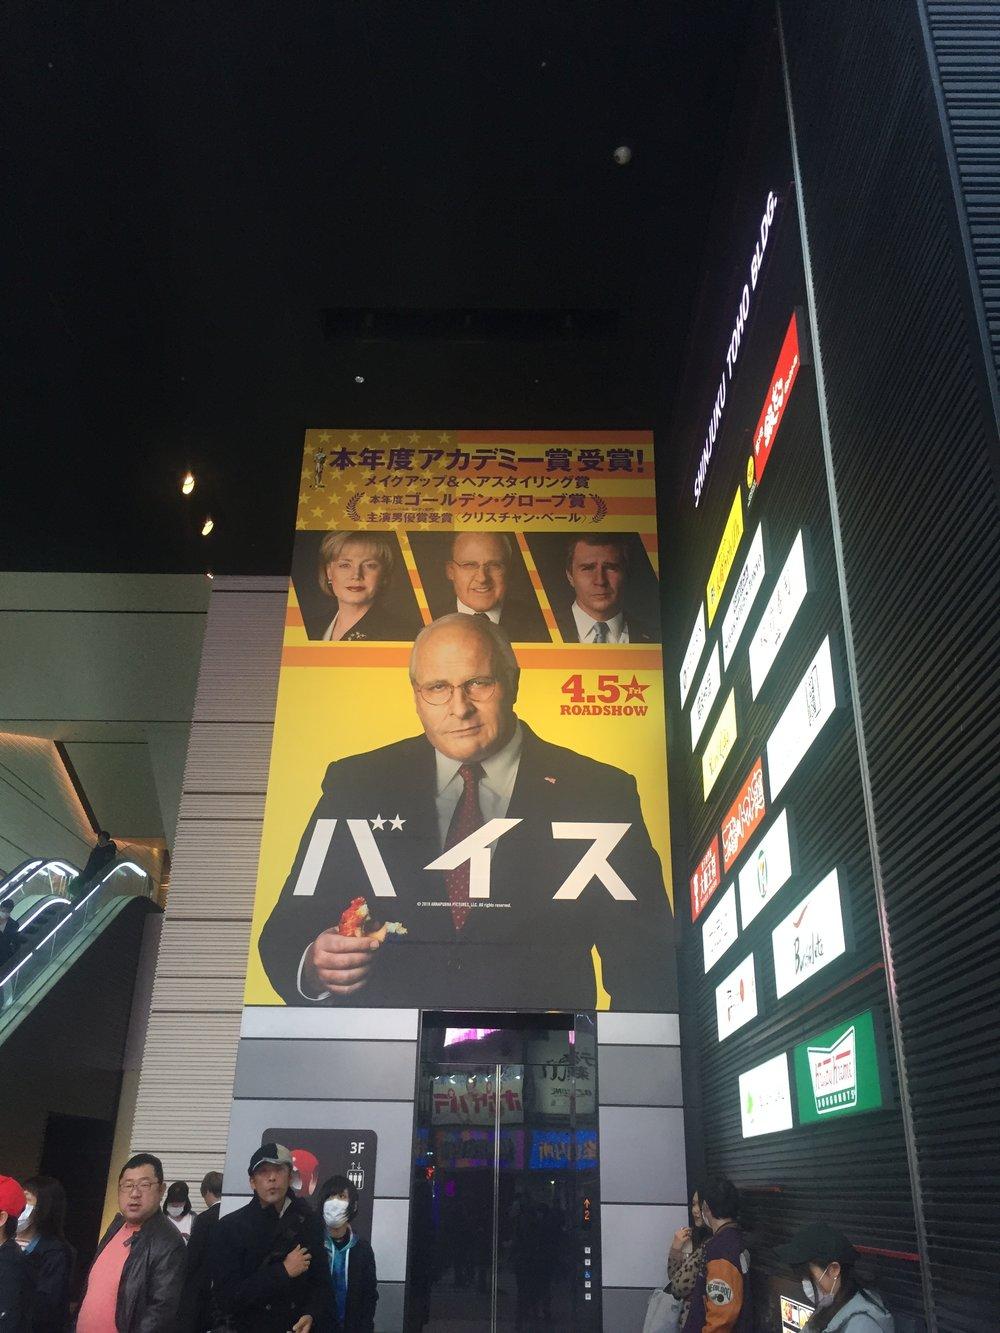 Vice in Japan at the Shinjuku Toho Tower